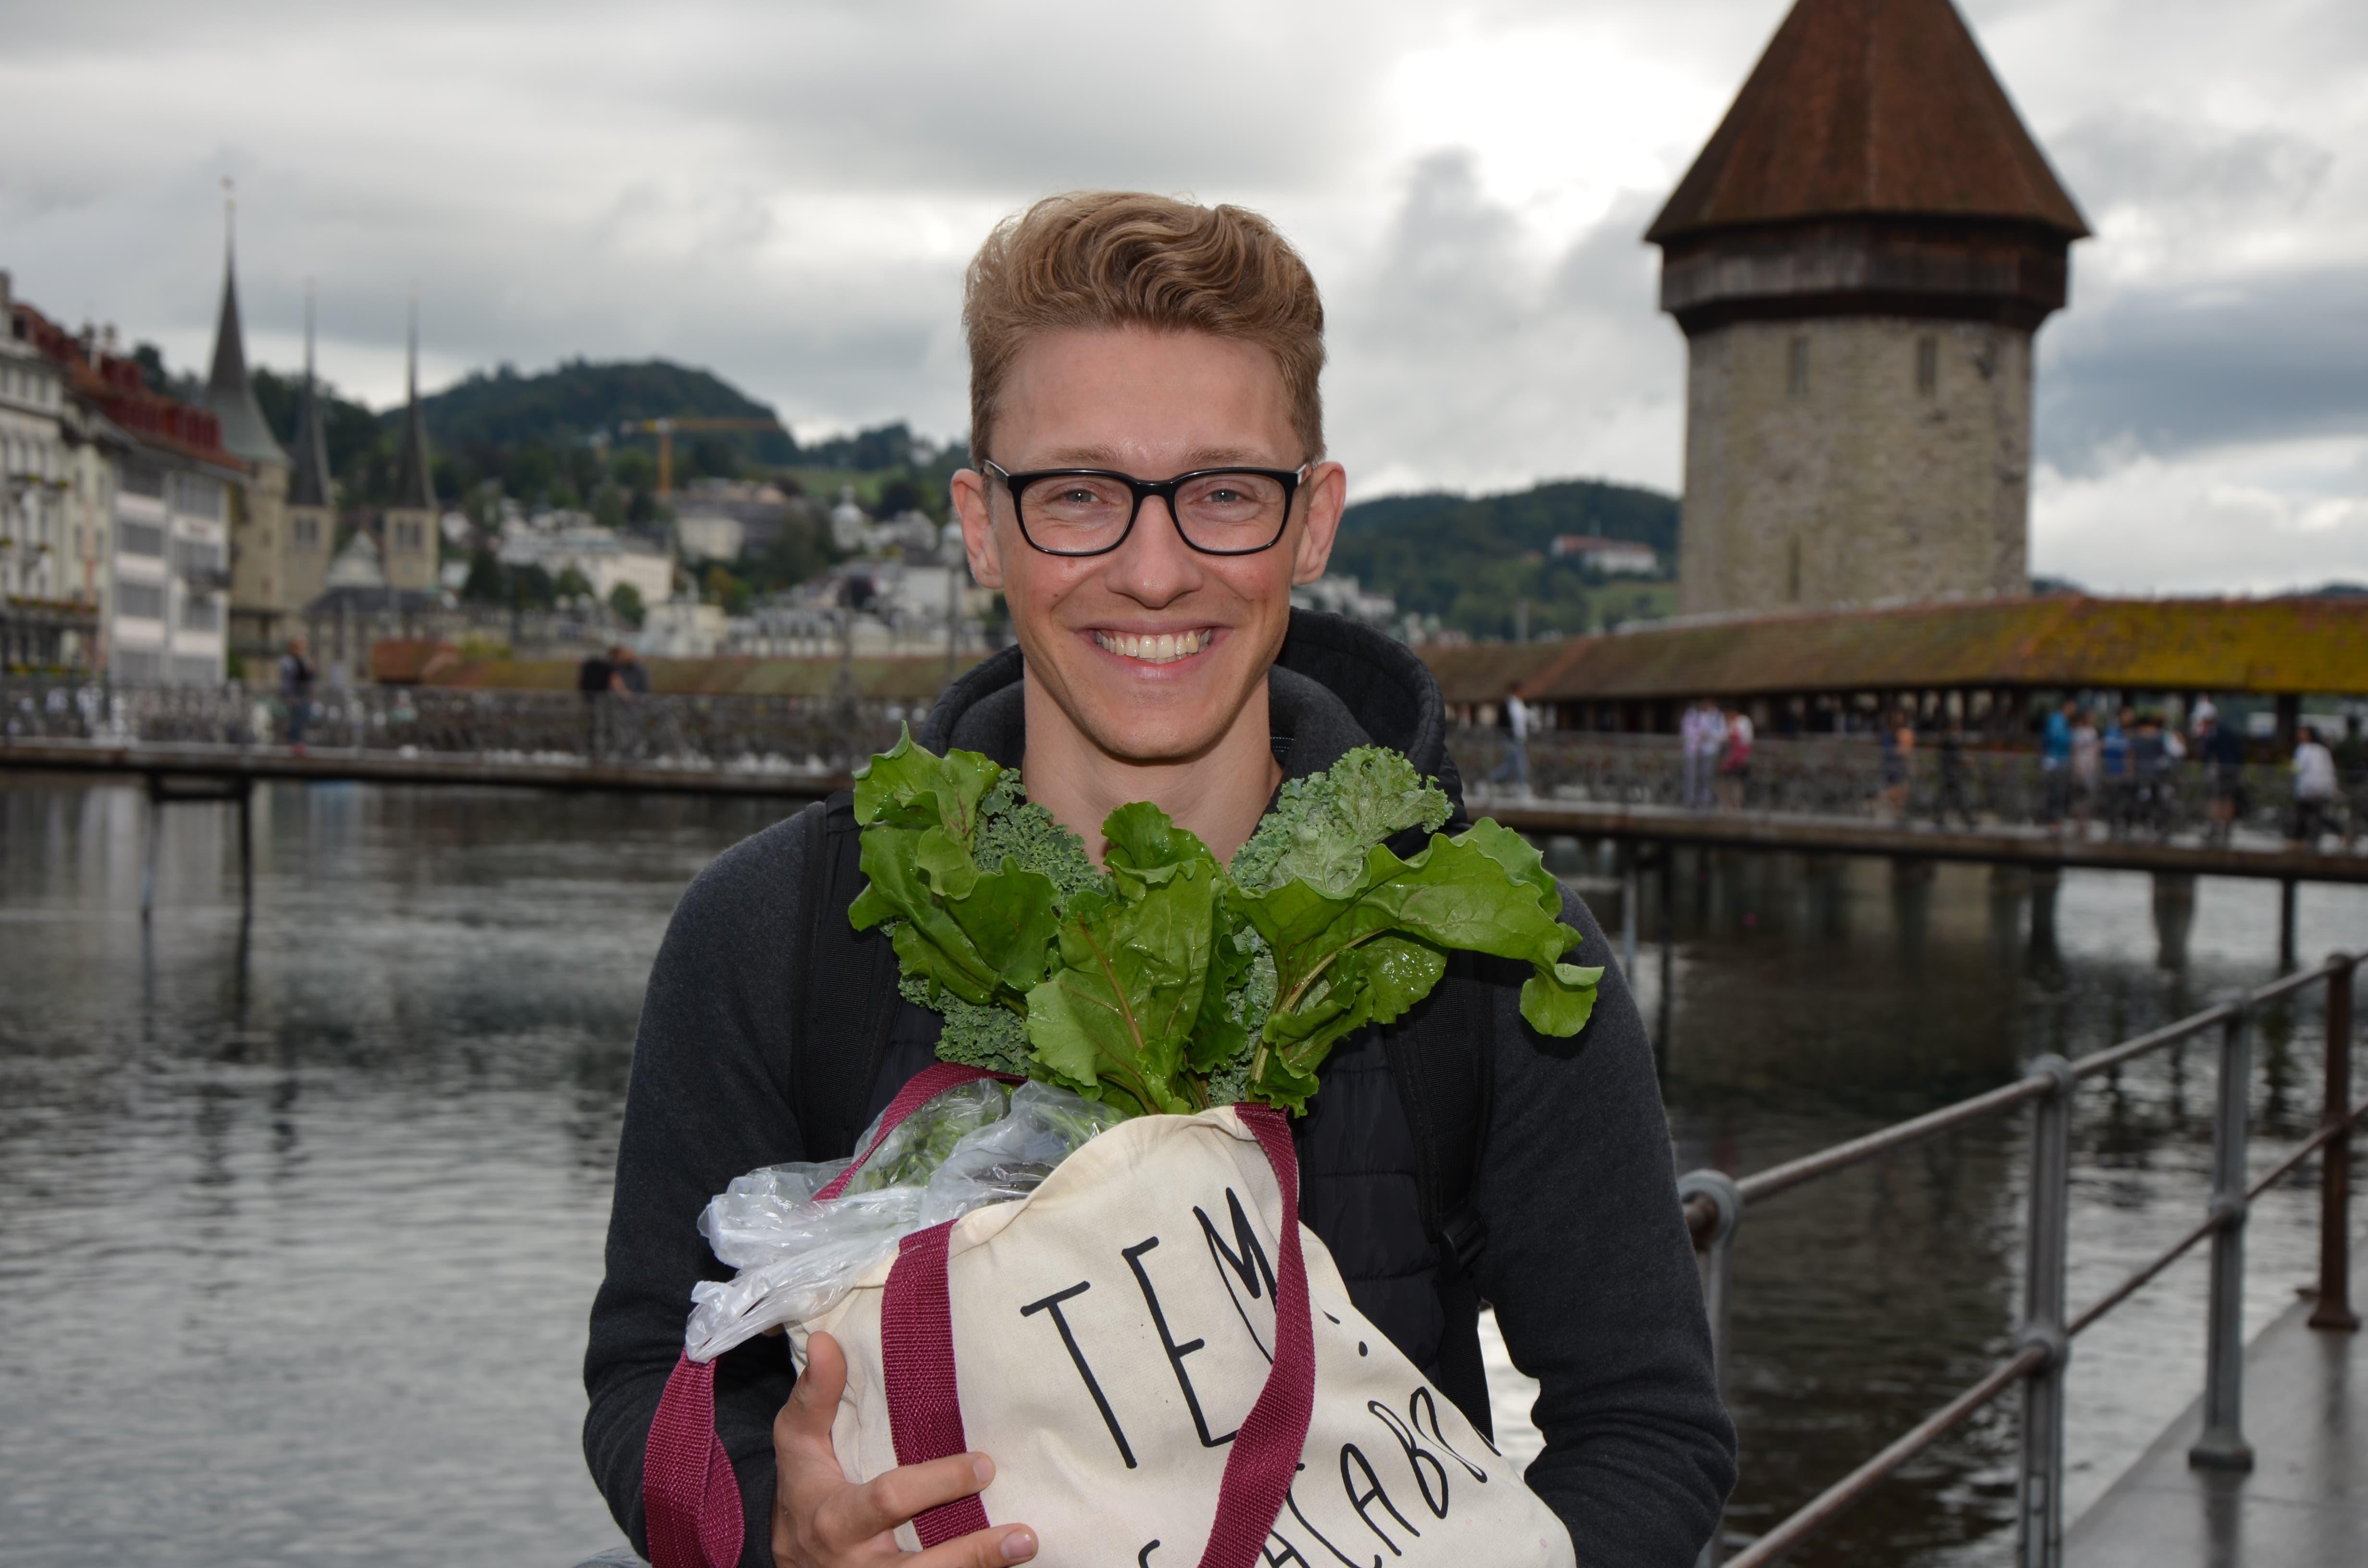 Kevin Kuhn, Luzern: In meiner Freizeit koche ich sehr gerne, daher freue ich mich auf das frisch geerntete Gemüse. Randen finde ich besonders fein. Im Ofen lässt sich jedes Gemüse schnell und einfach zubereiten. Wenn die Tage wieder länger und kälter werden, arbeite ich abends meist länger. Doch das macht mir nichts aus. (Bild: Antonio Russo)